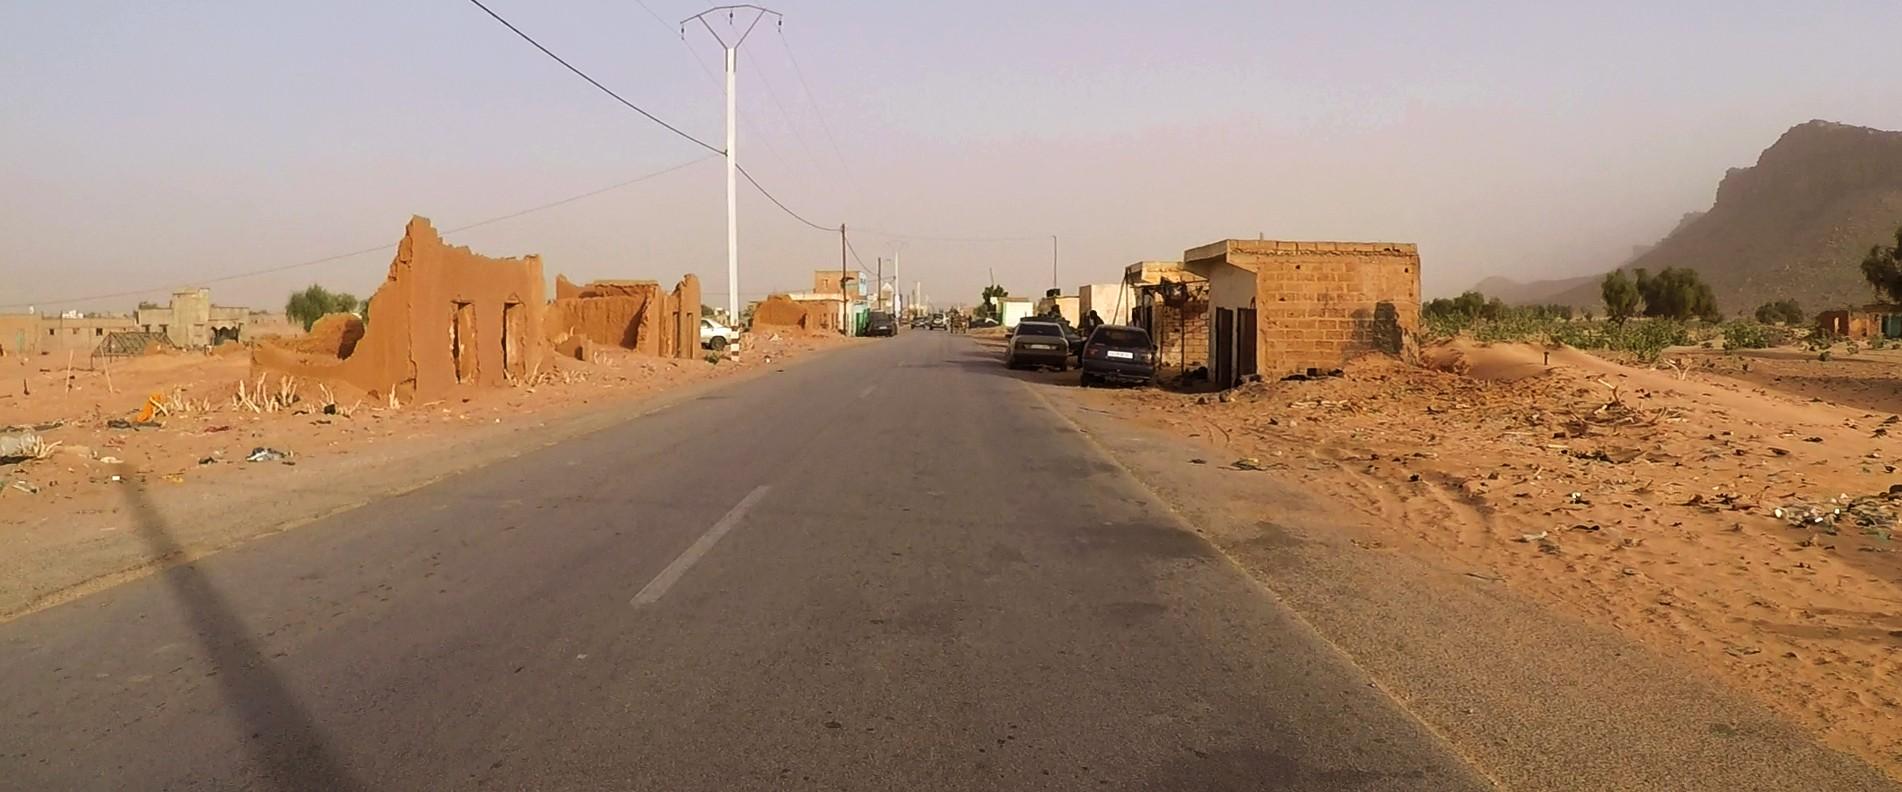 carretera mauritania pablocaminante - Mauritania 4/5, Nouakchott a Gogui